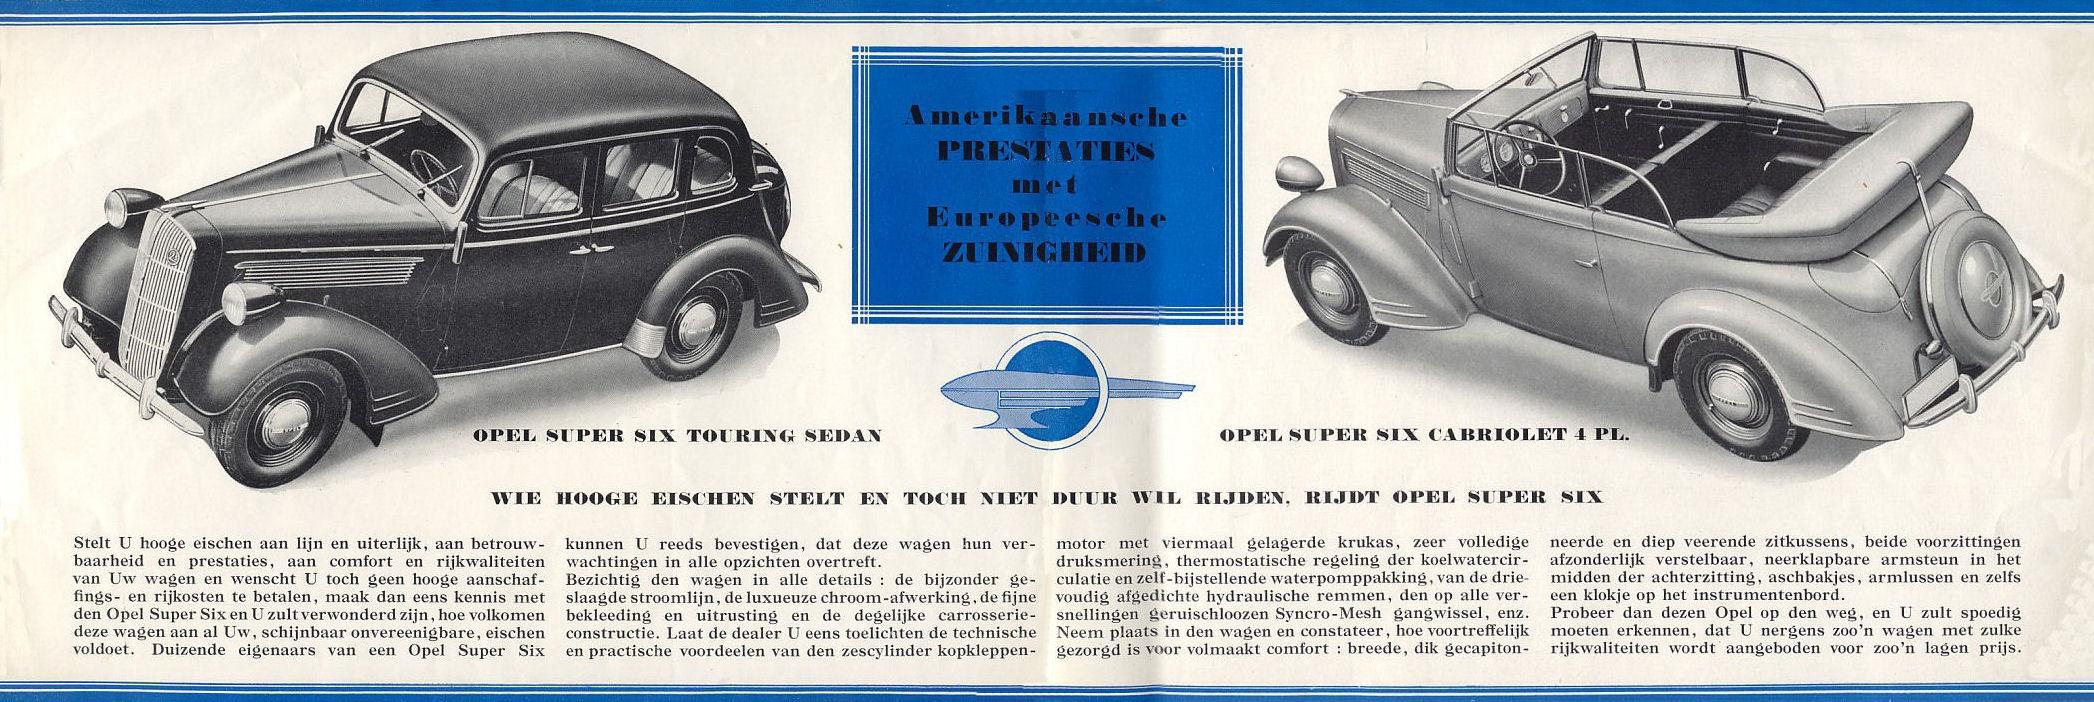 Opel Super 6 2.5 1936-1938